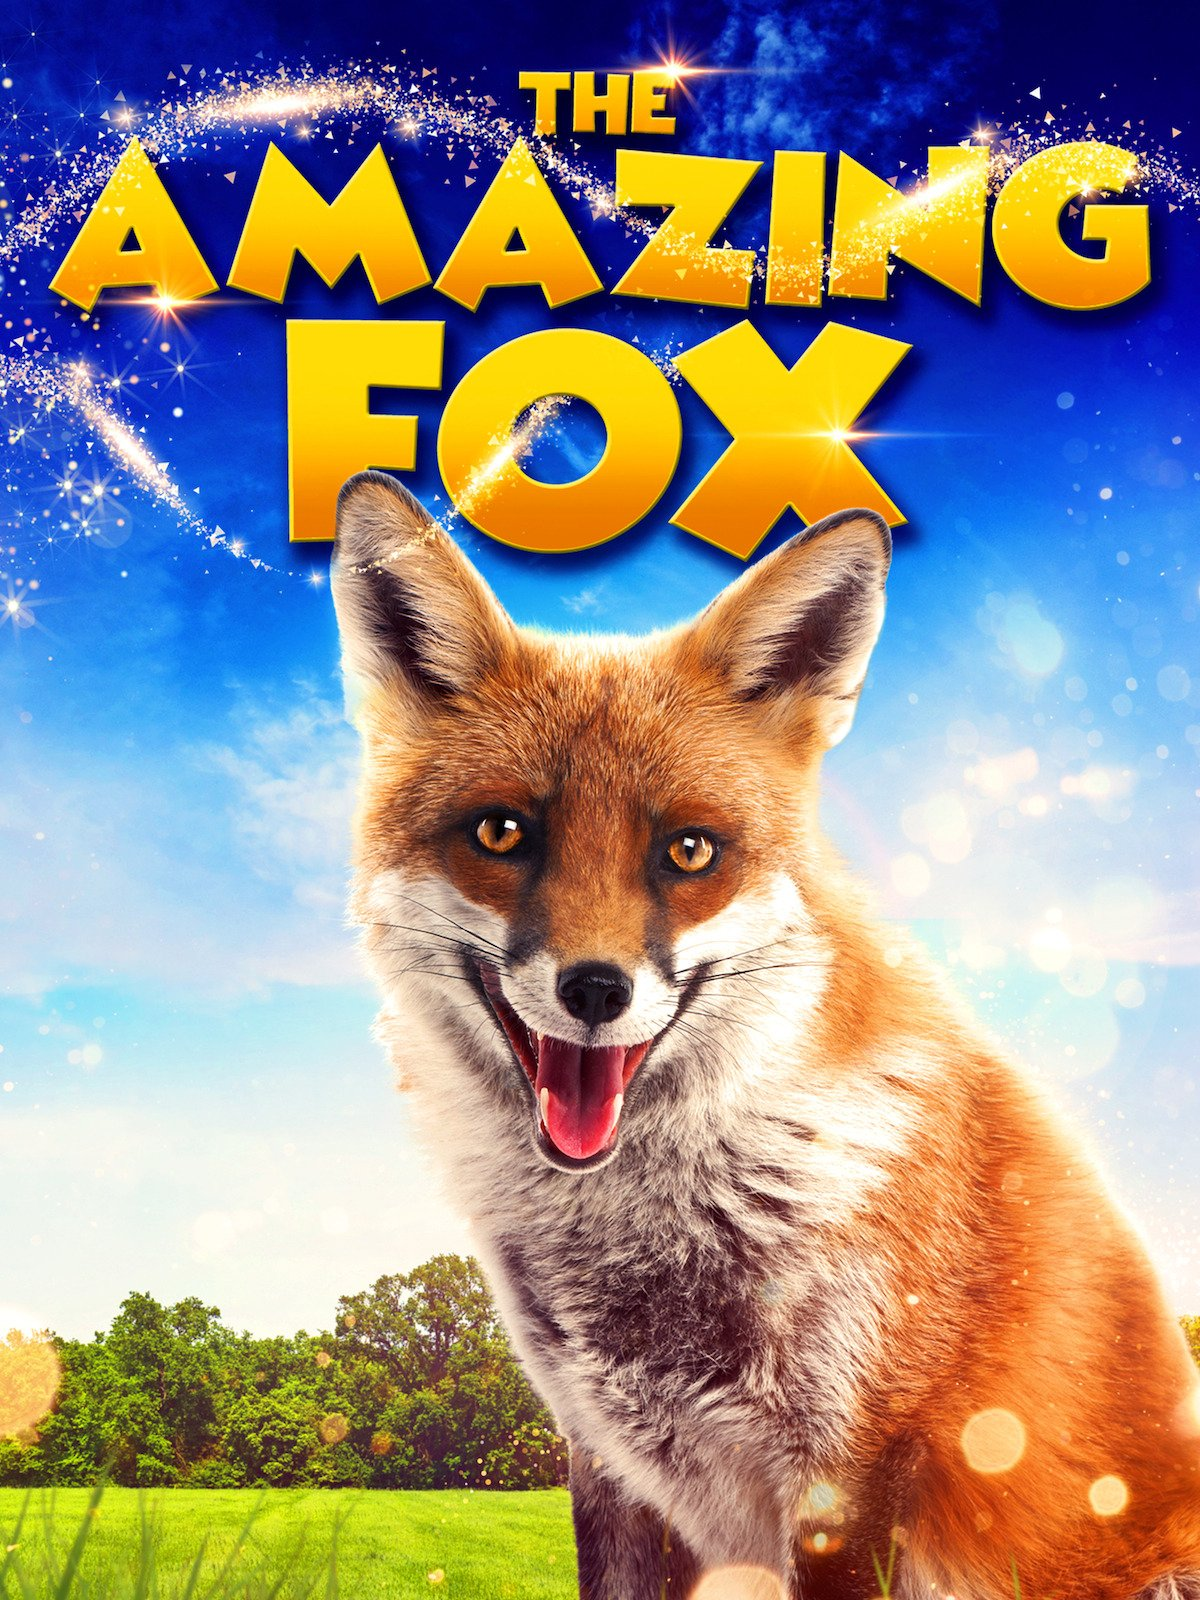 The Amazing Fox